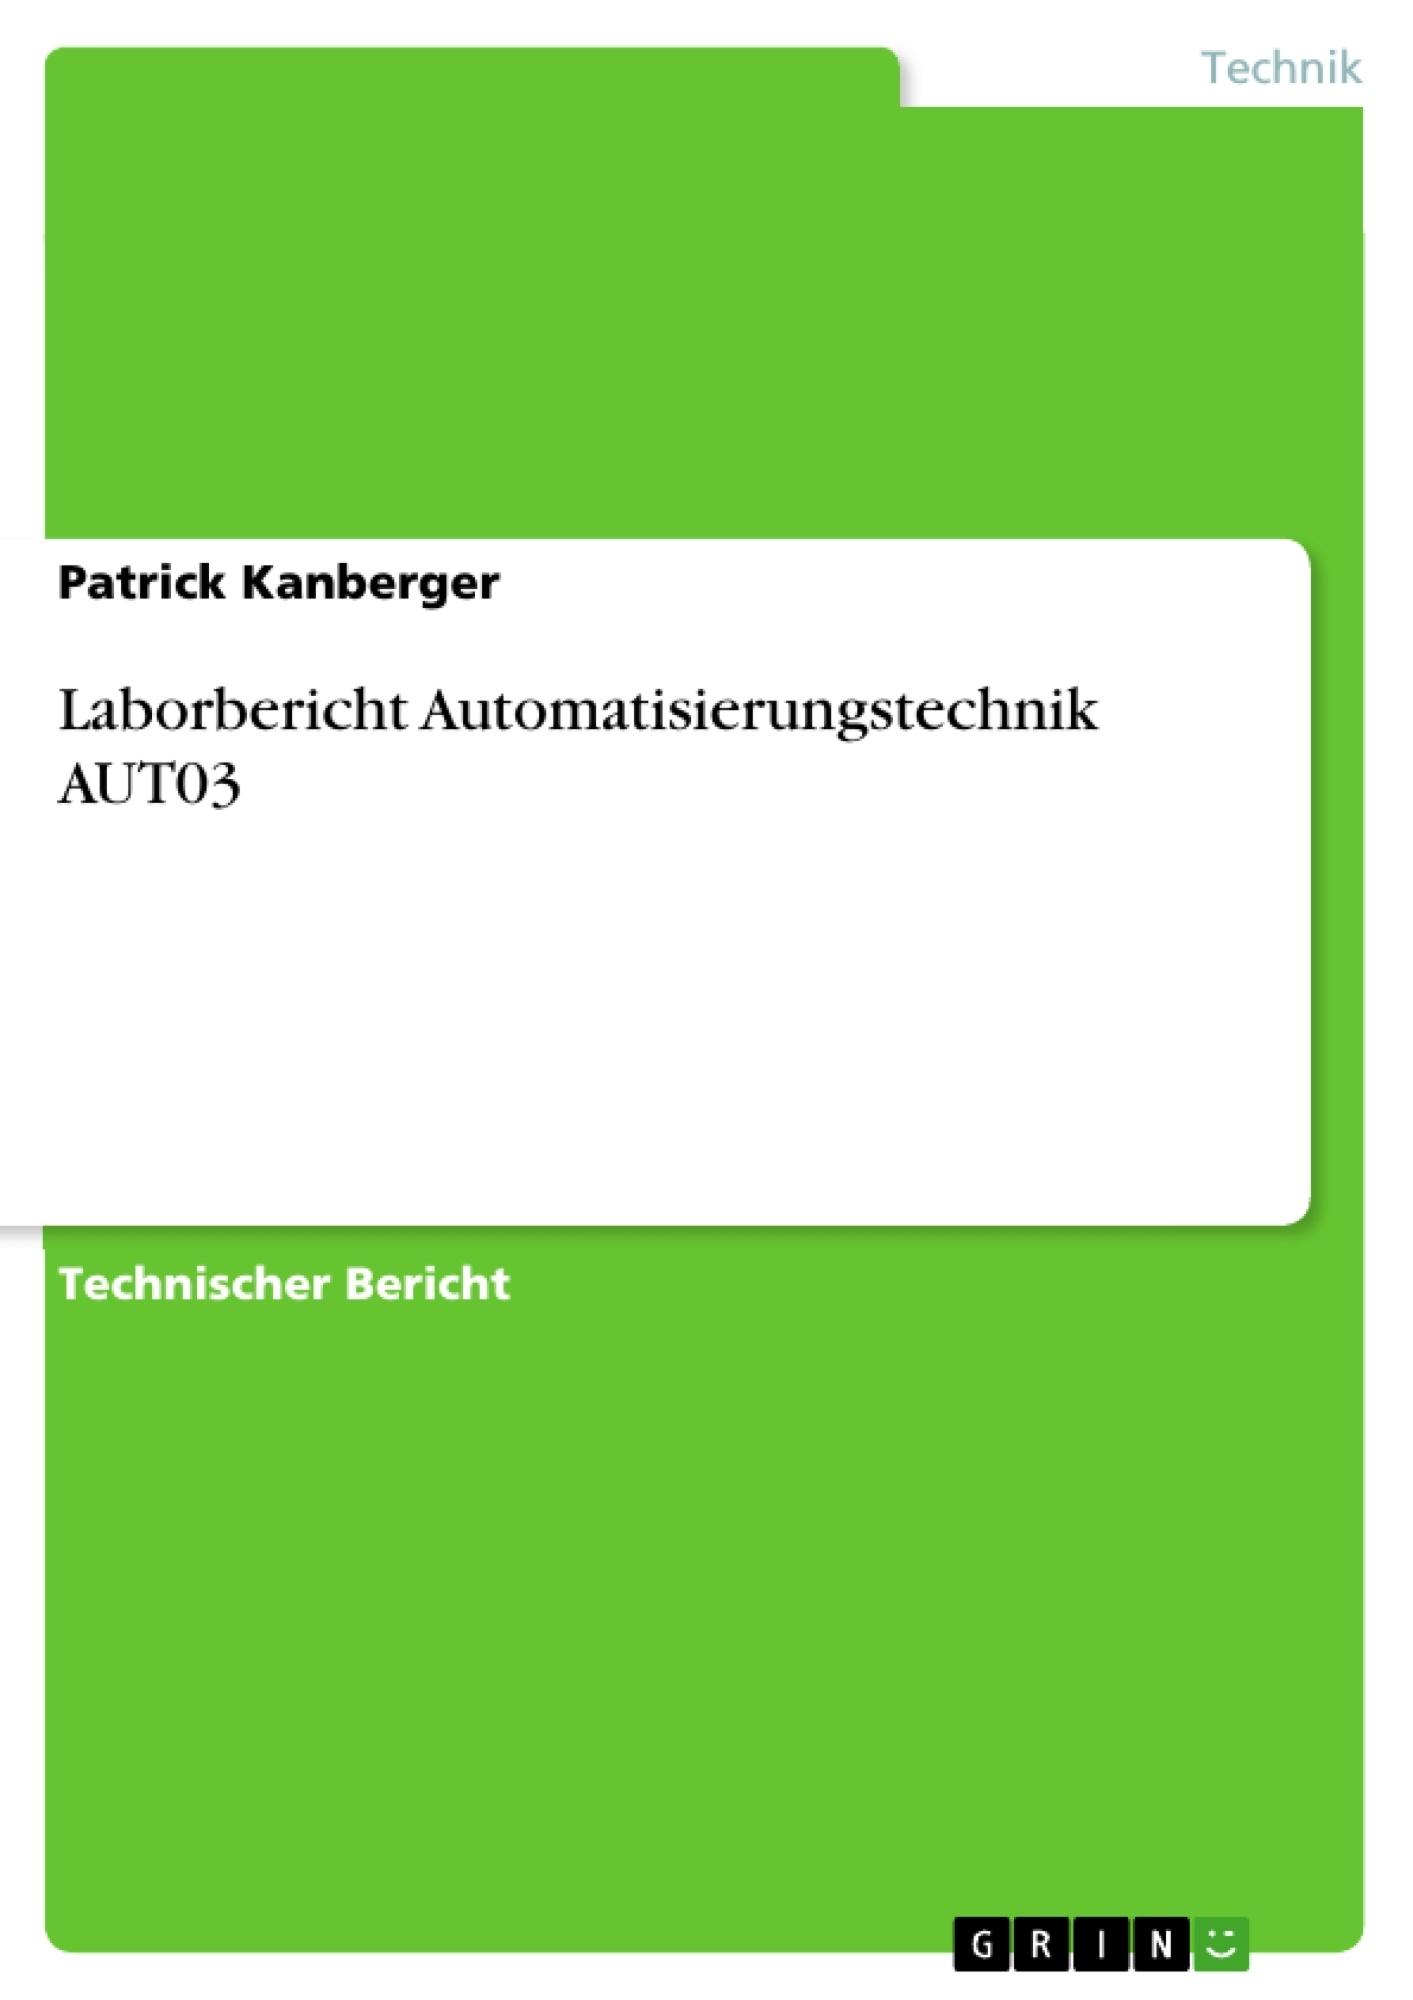 Titel: Laborbericht Automatisierungstechnik AUT03